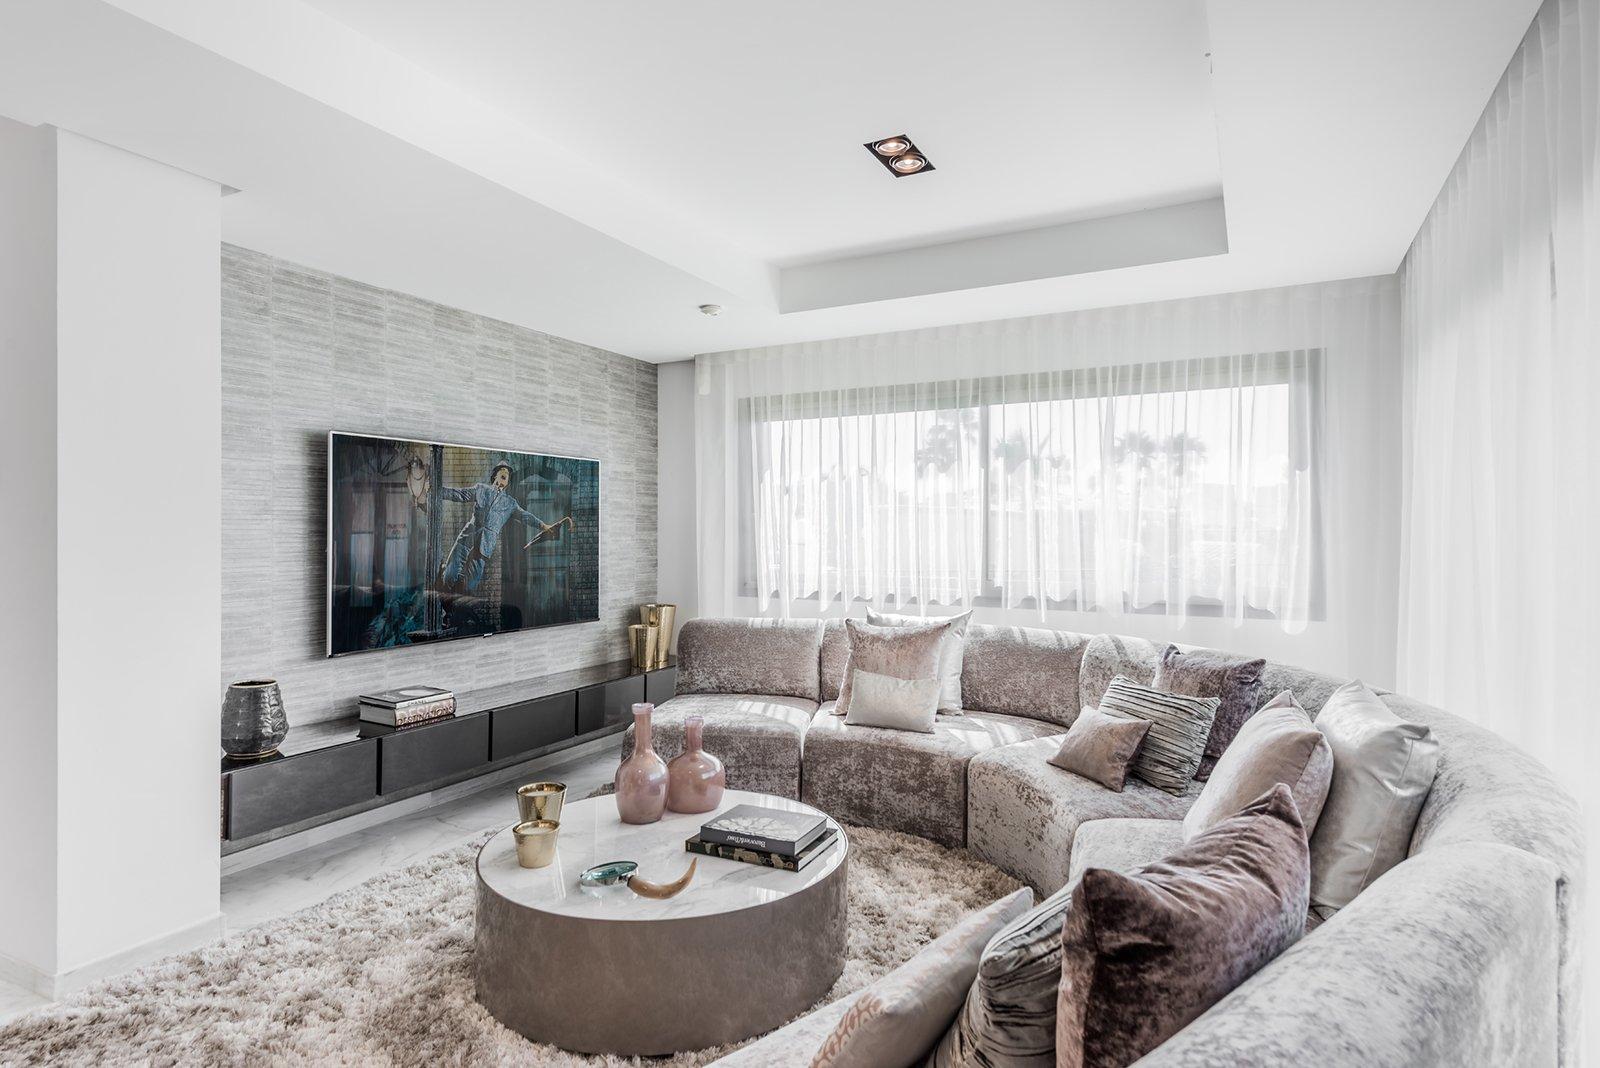 el-arenal-marbella-ambience-home-design-29